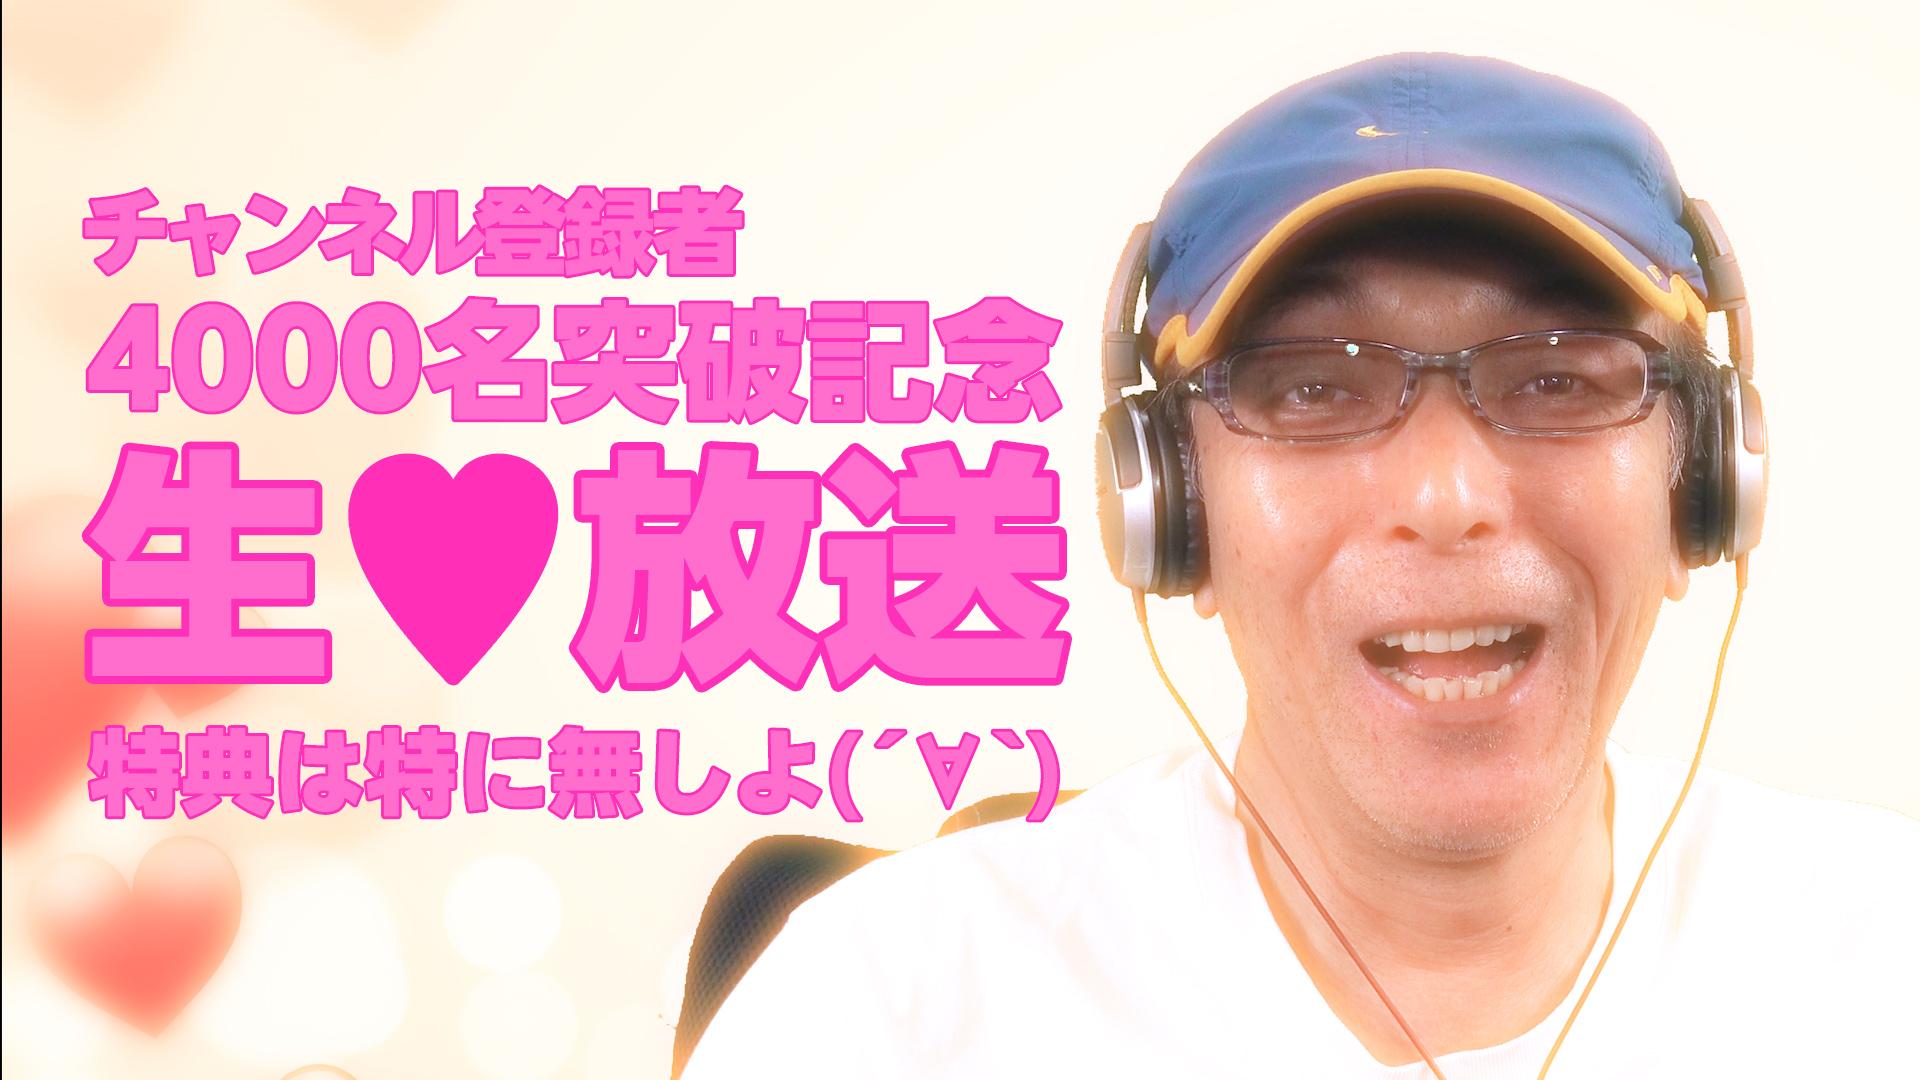 チャンネル登録者4000名突破記念 生♥放送!特に特典は無よ( ´∀` )